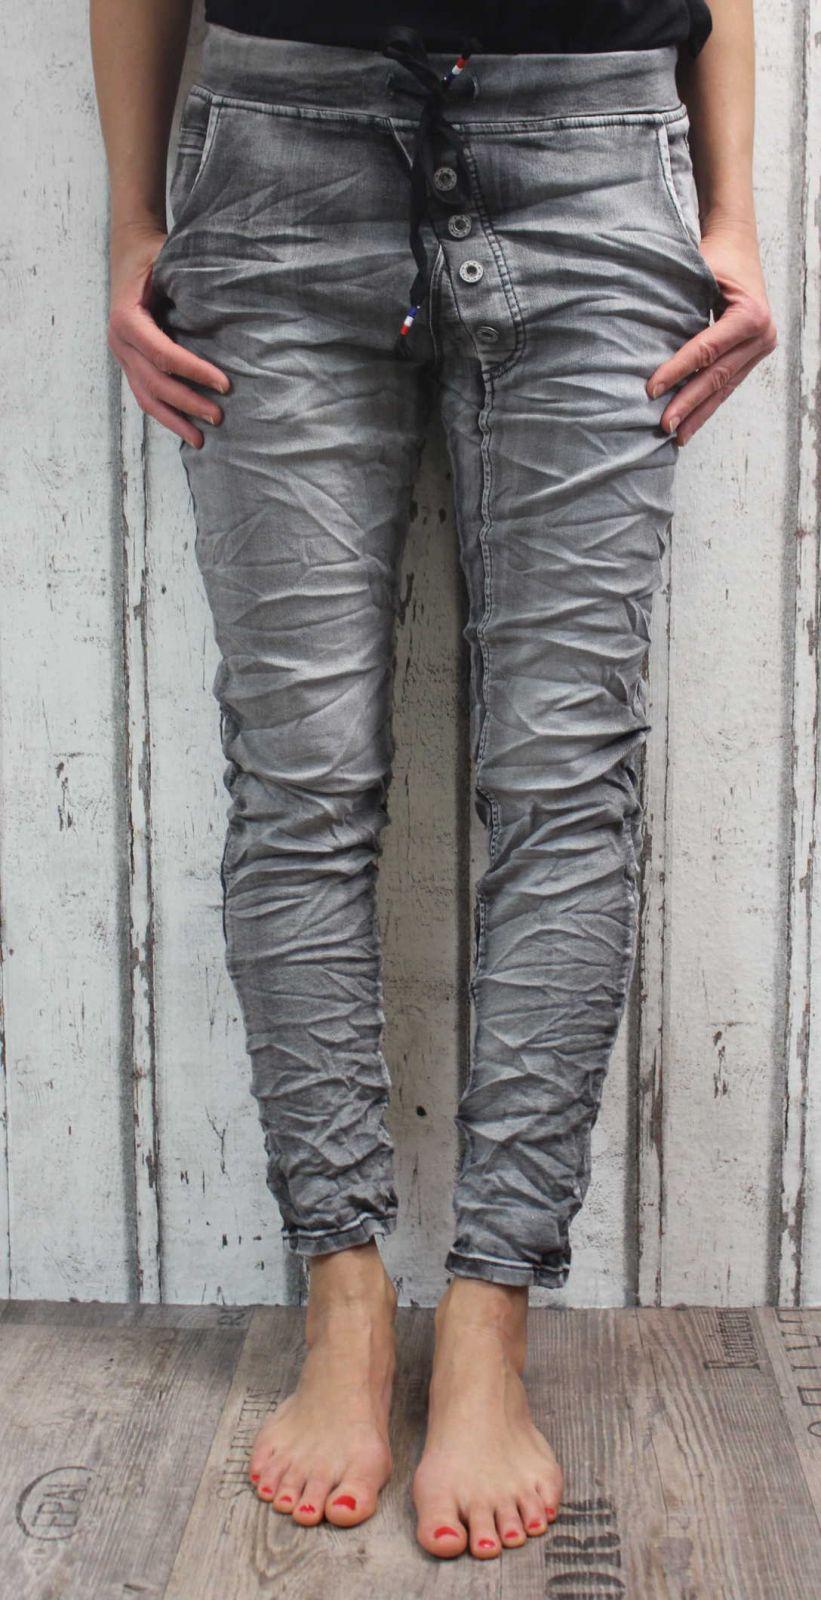 dámské elastické džíny, džíny slimky, dívčí slimky, dívčí elastické džíny, mačkané džíny, pružné džíny, dámské šedé džíny Denim